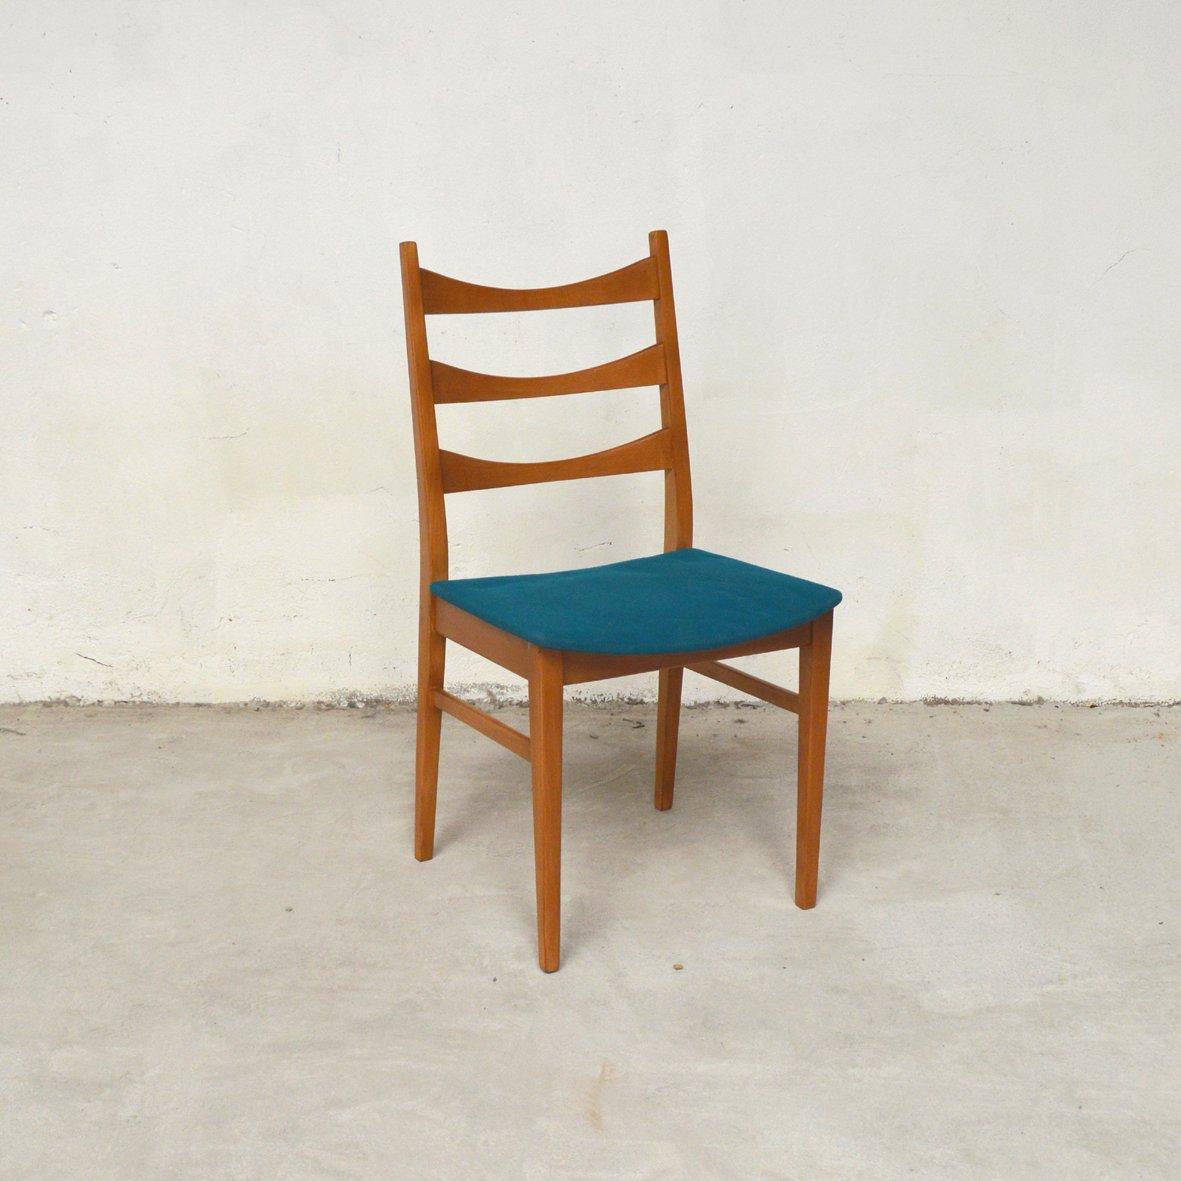 skandinavische st hle mit blauen sitzen 1960er 4er set bei pamono kaufen. Black Bedroom Furniture Sets. Home Design Ideas